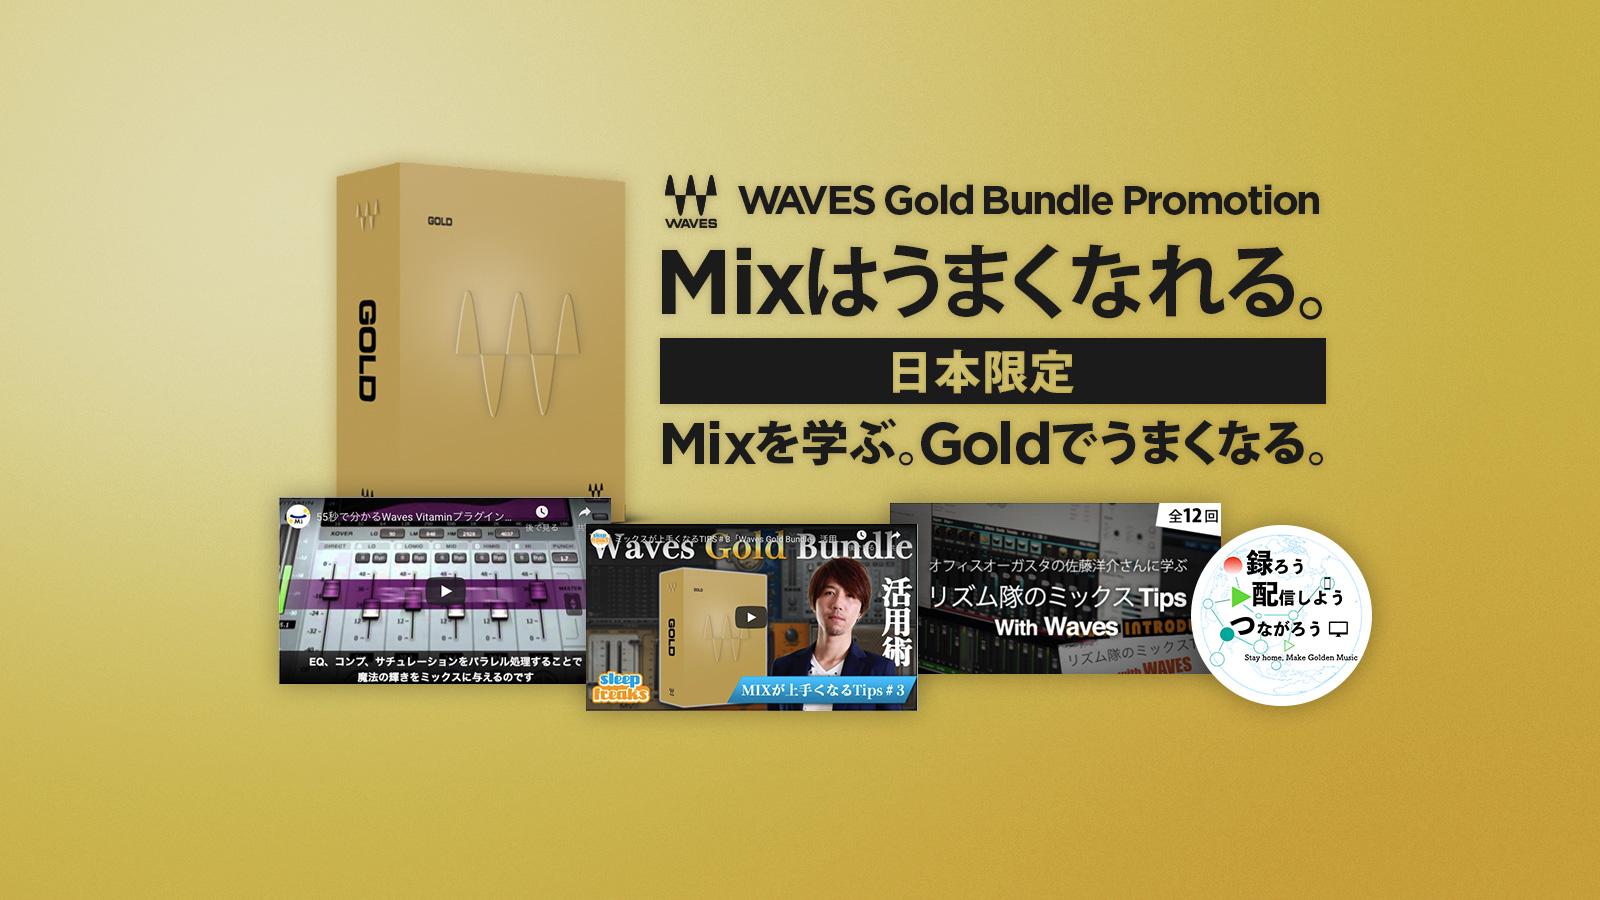 【日本限定】必携定番バンドル Waves Gold が10,000円!42種類のプラグインを収録